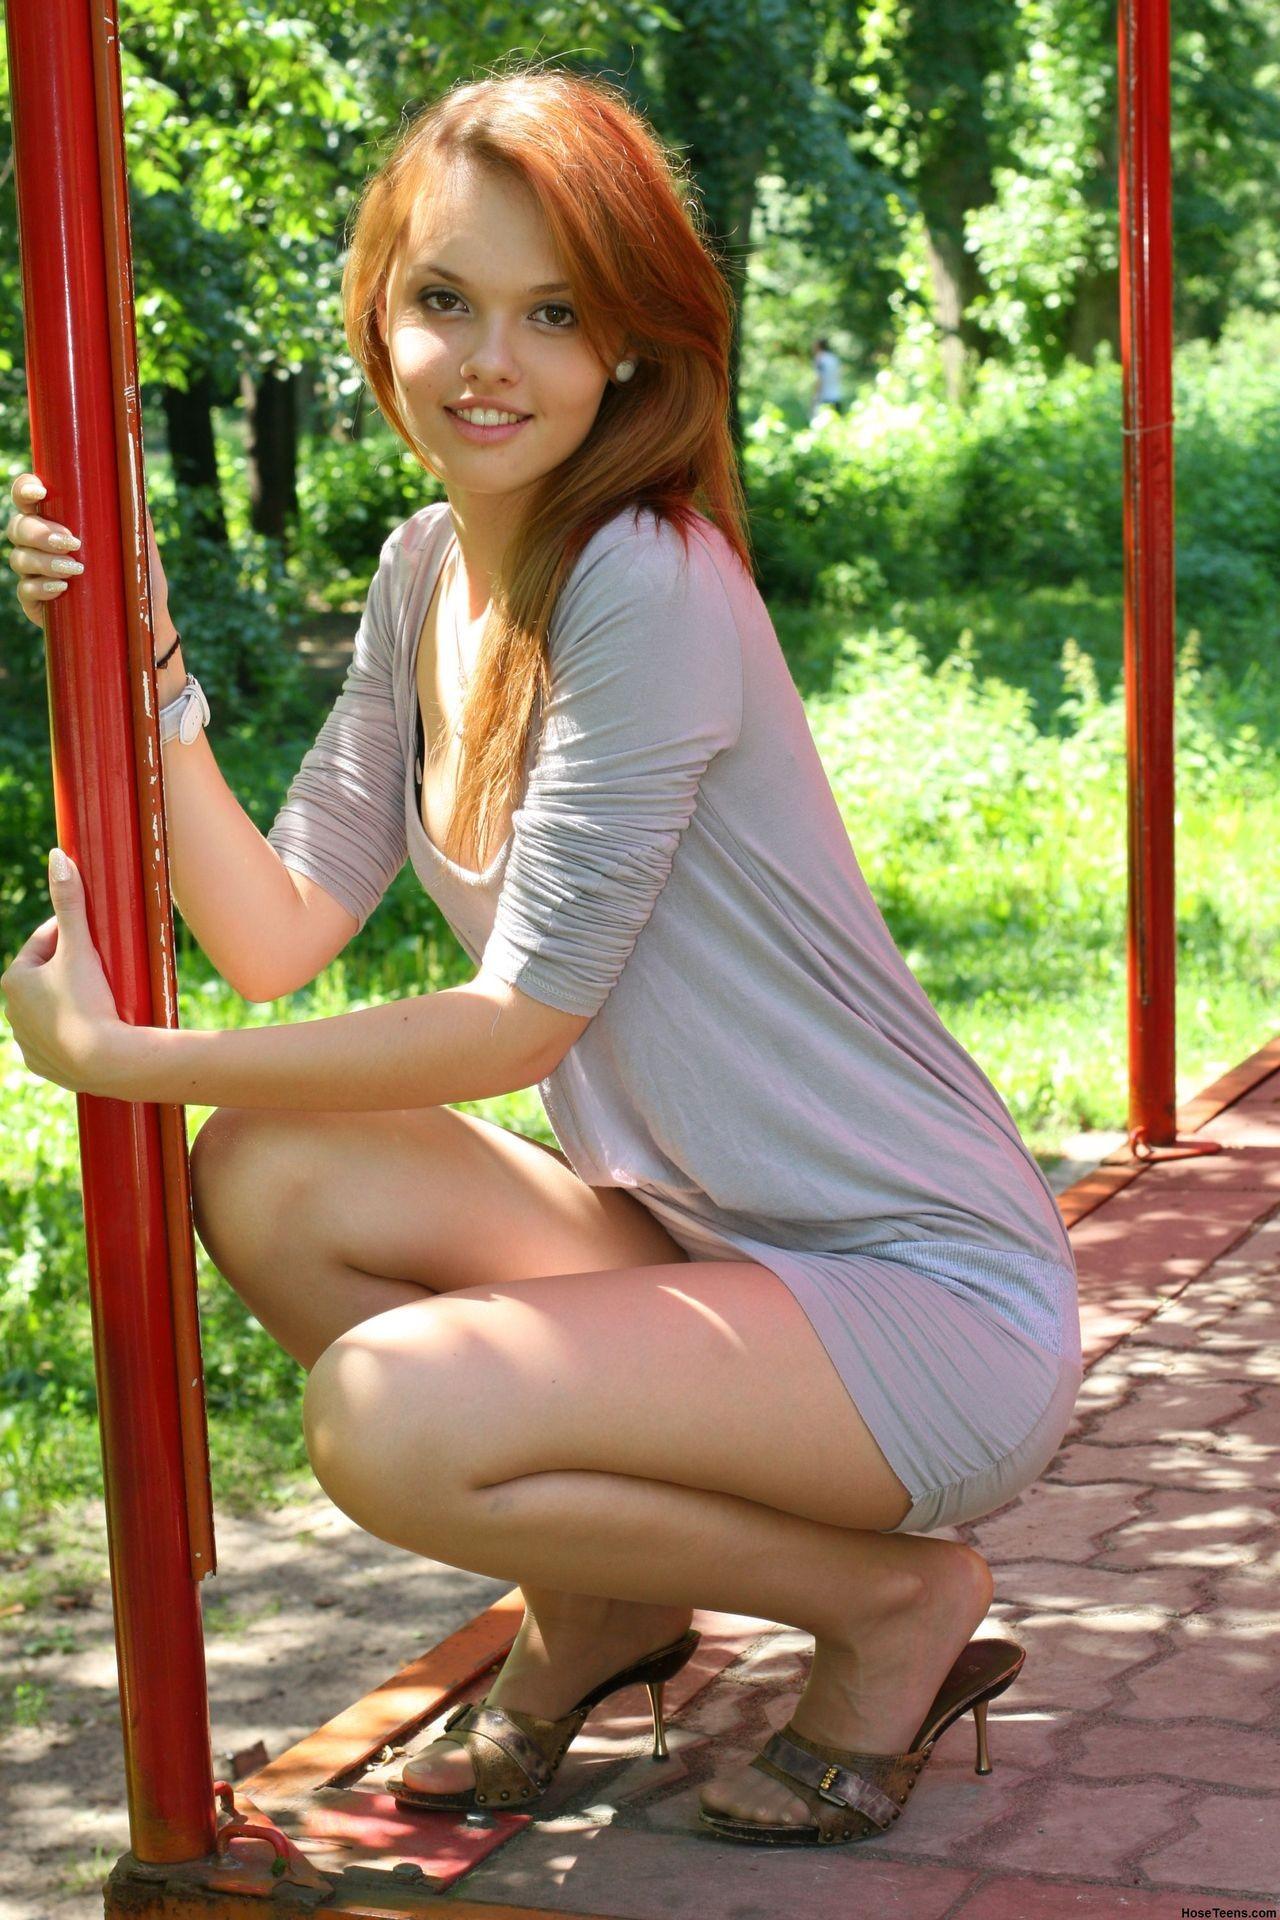 Сидящие девушки на корточках в колготках фото, список видео сайты рунеток